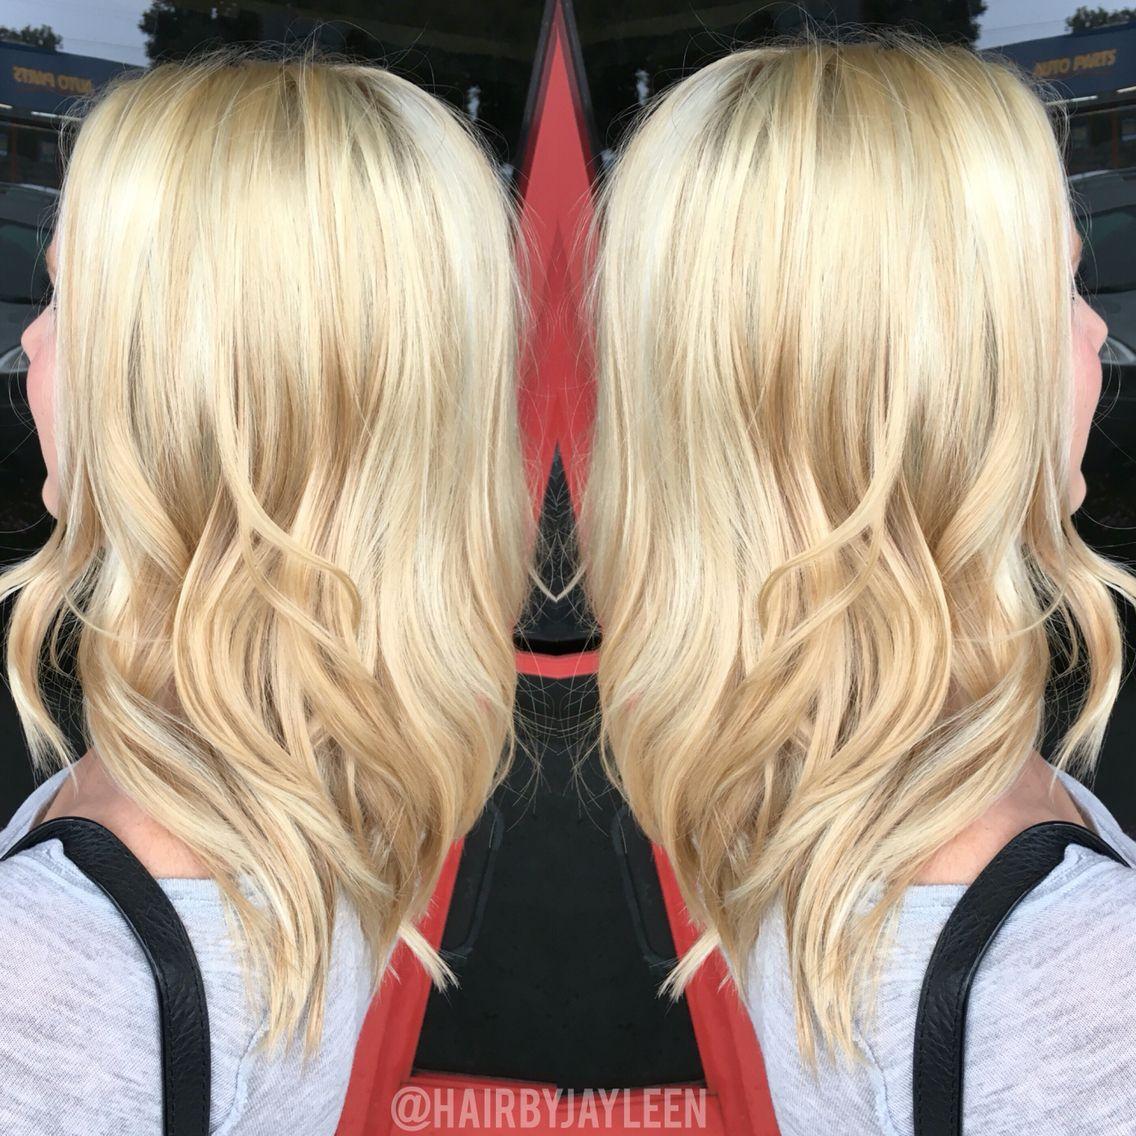 Blonde Hair Platinum Blonde Hair Balayage Hair Highlights